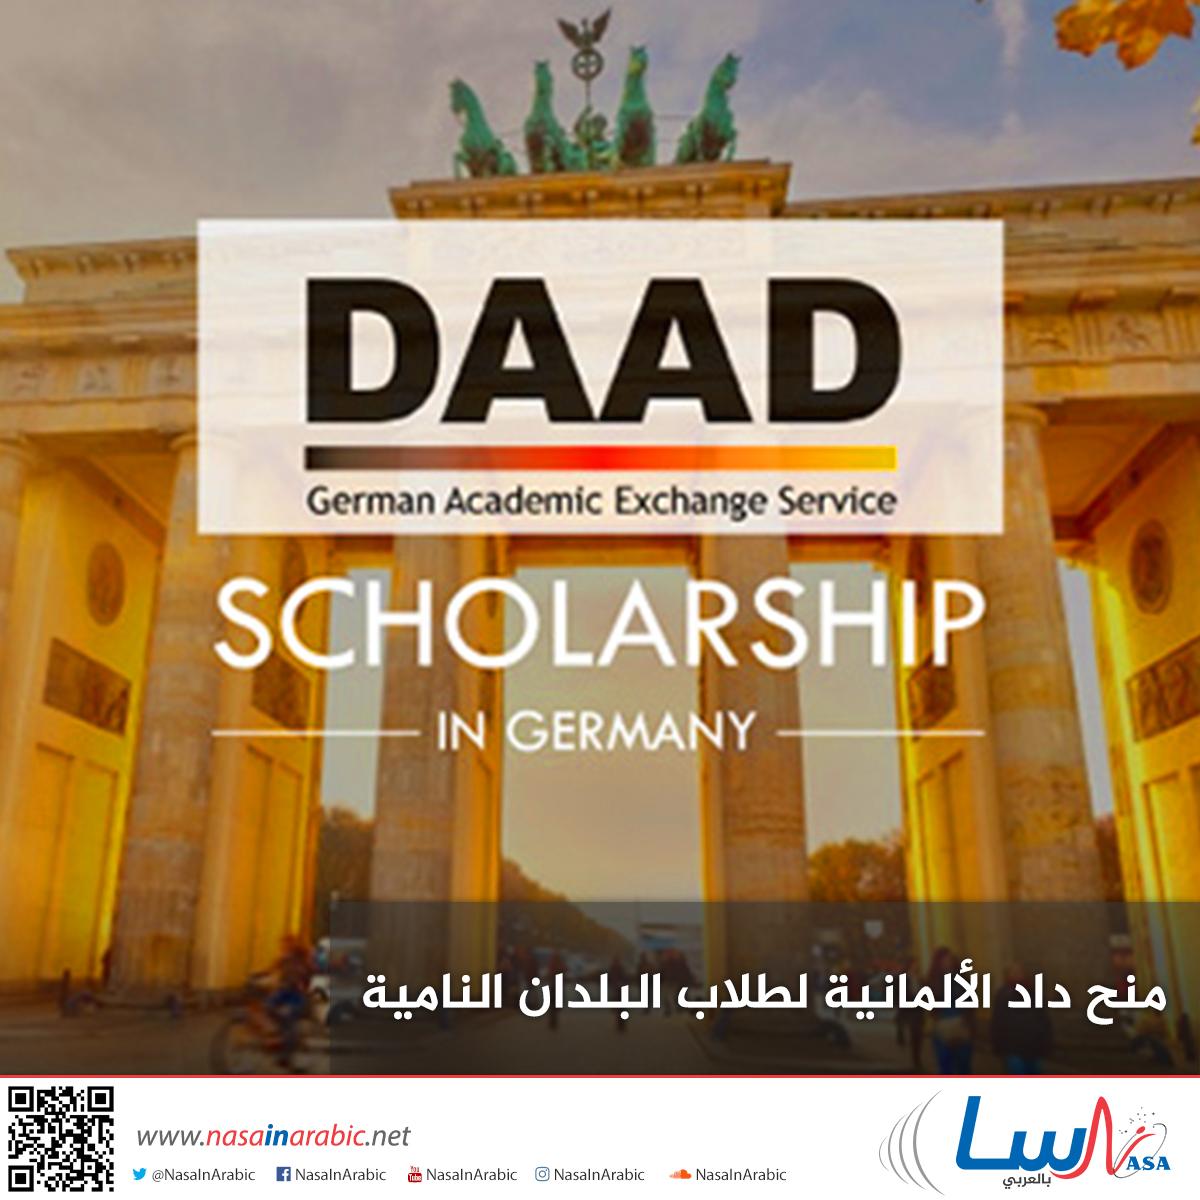 منح داد الألمانية لطلاب البلدان النامية